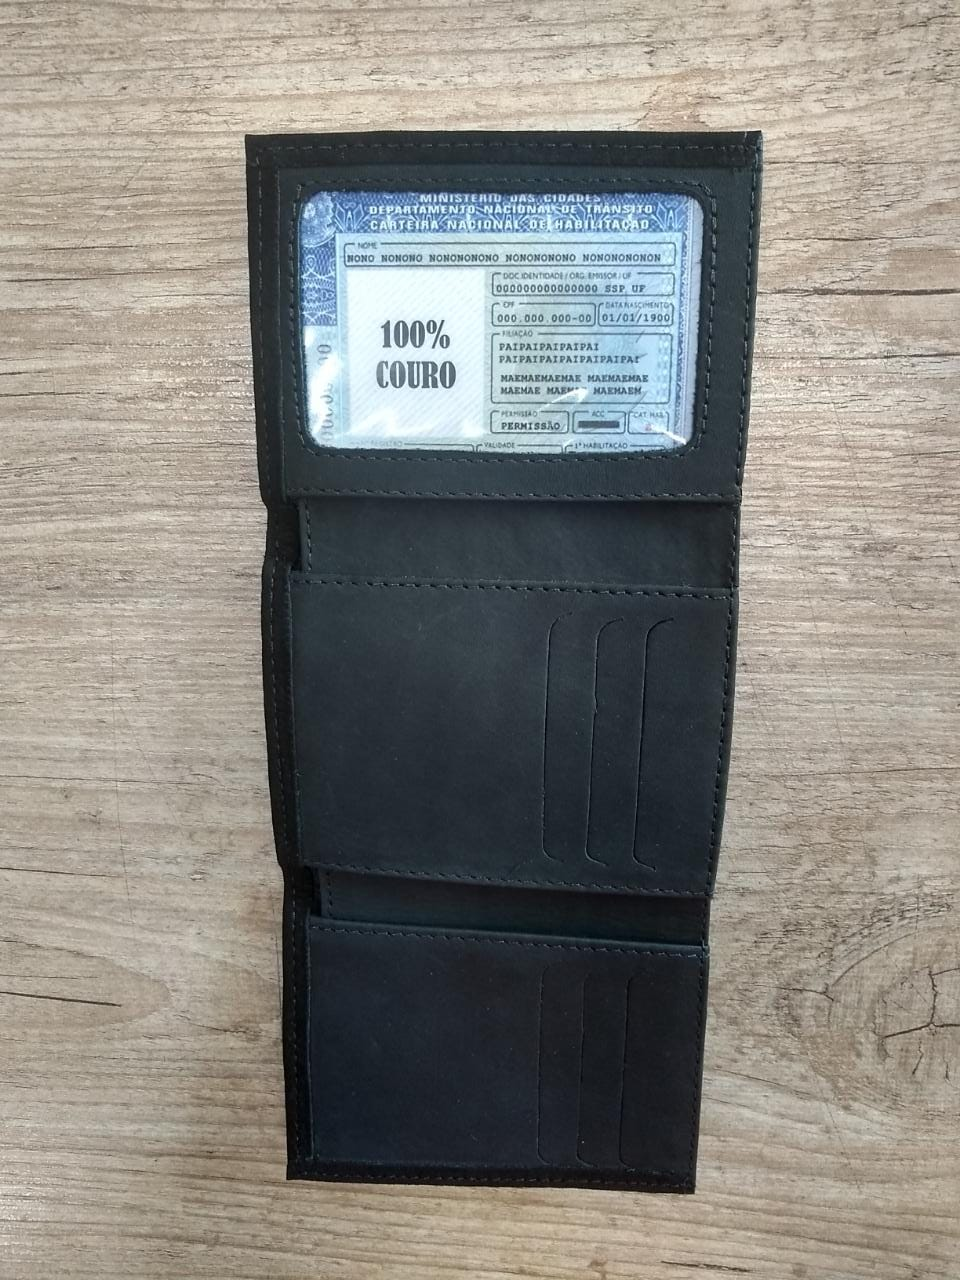 Carteira Em Couro com Visor - Modelo Bar & Shield - Trifold - Preta - 022/58107